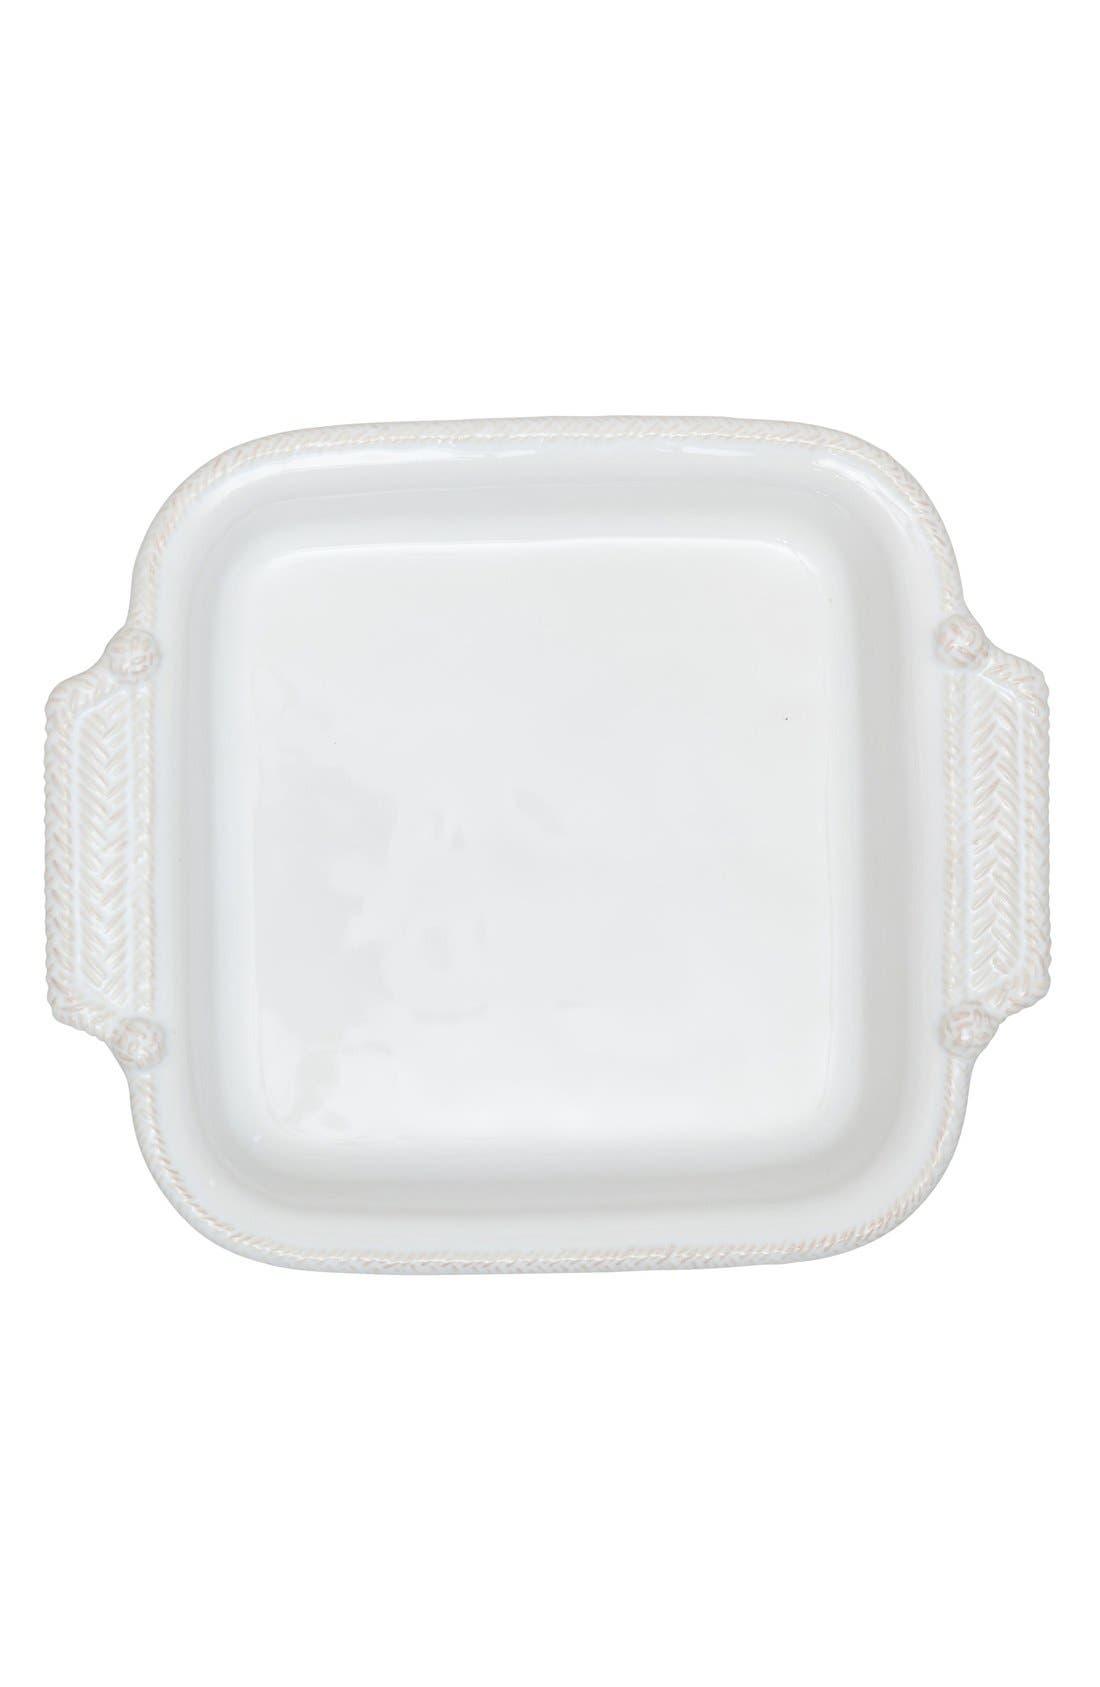 Le Panier 2-Quart Square Baking Dish,                             Main thumbnail 1, color,                             100